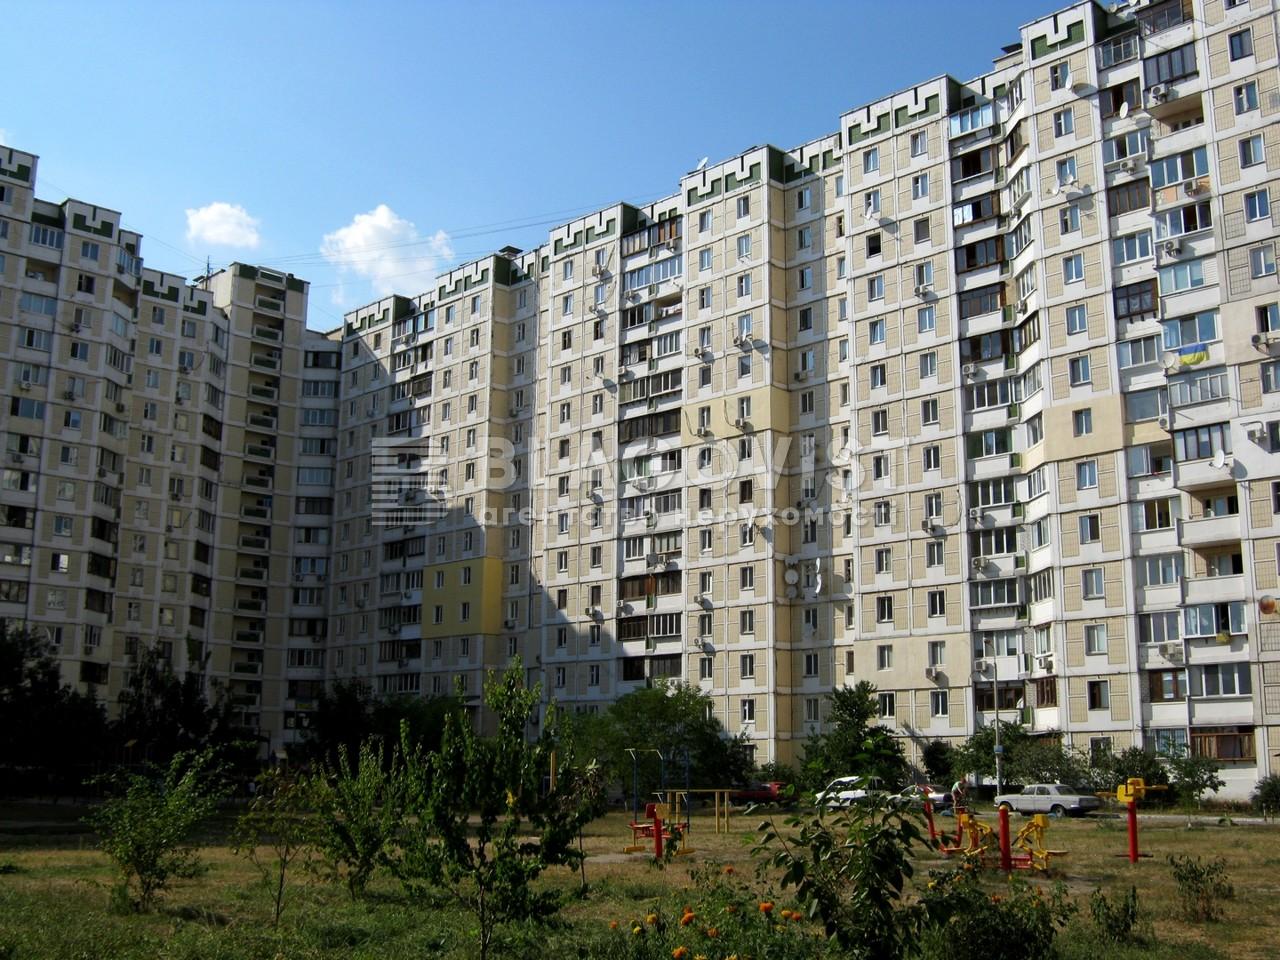 Квартира R-39134, Вишняковская, 7а, Киев - Фото 1